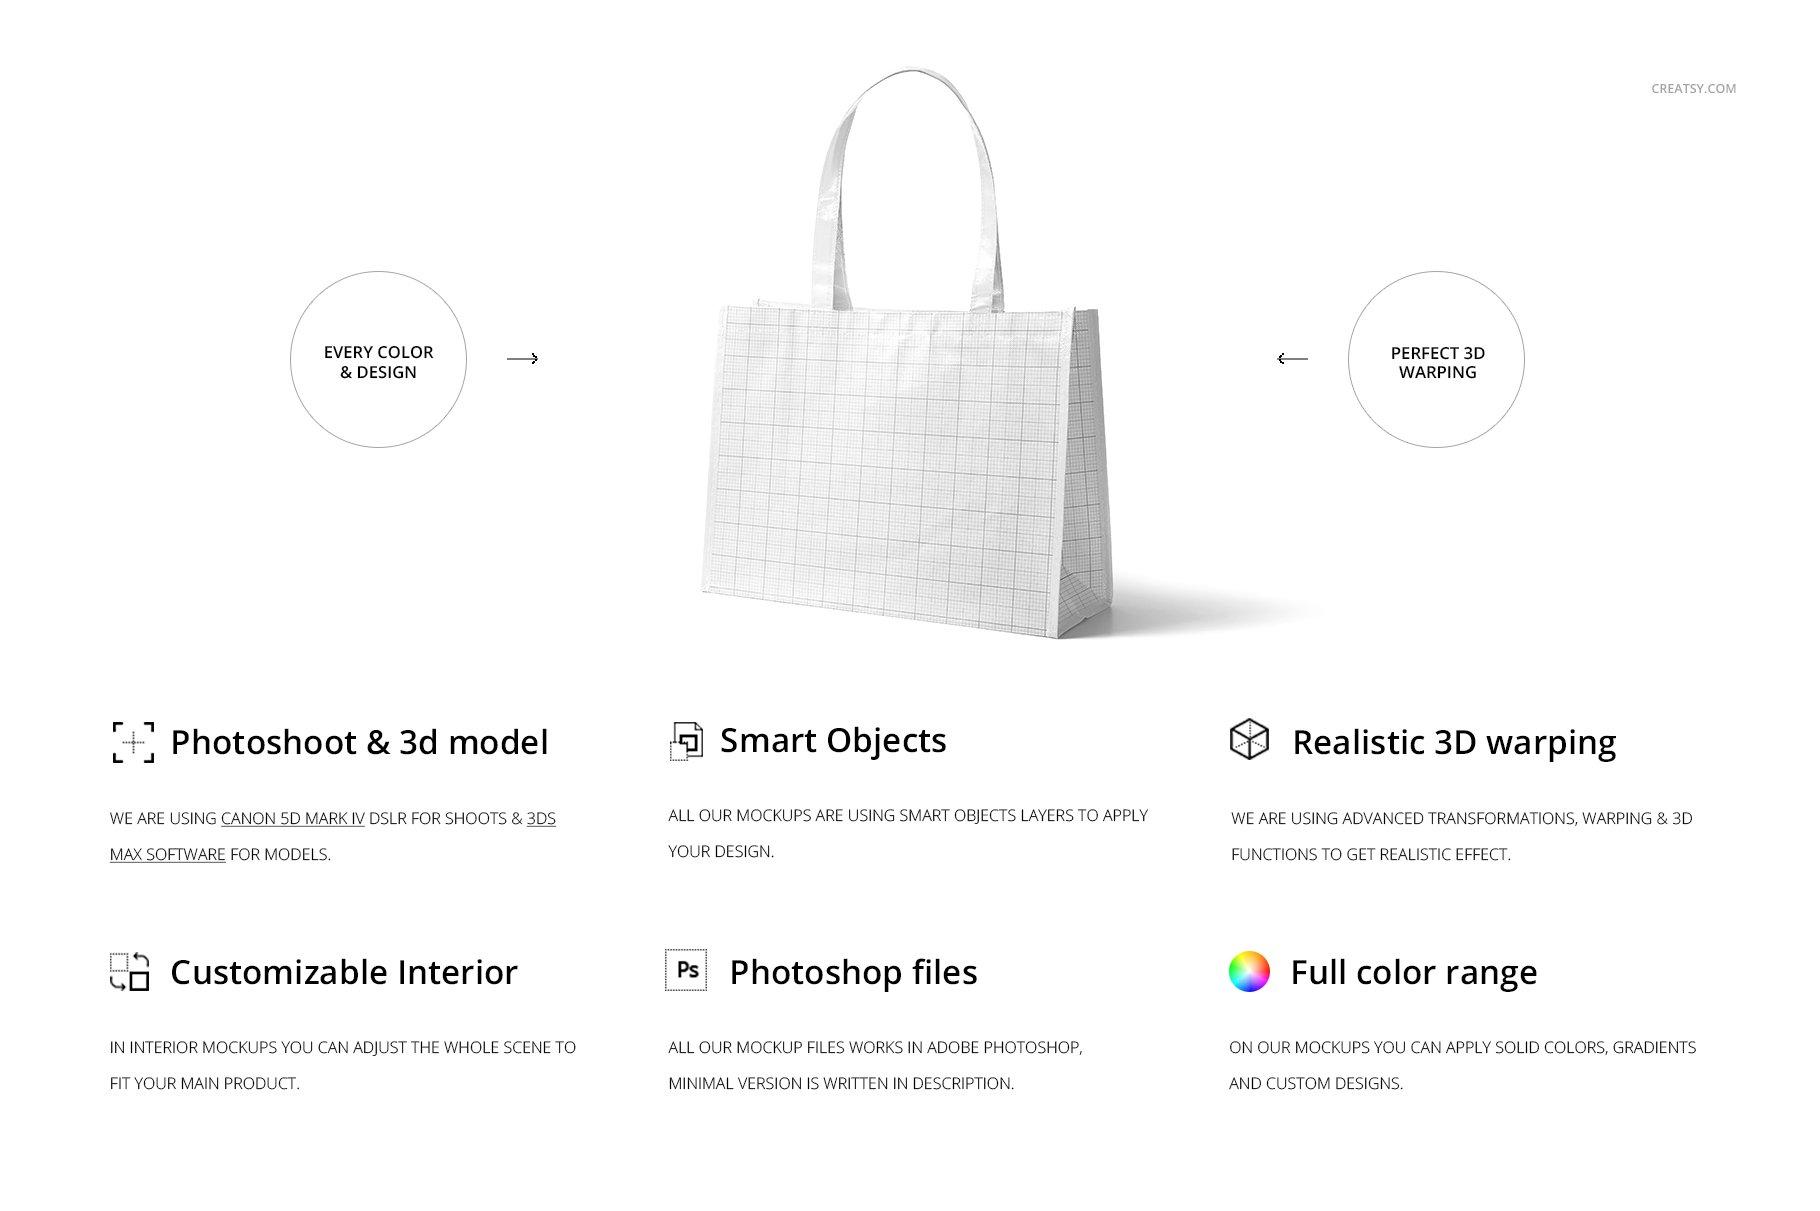 层压光面无纺布购物手提袋设计贴图样机模板套装 Laminated Non-Woven Tote Bag Mockups插图(1)